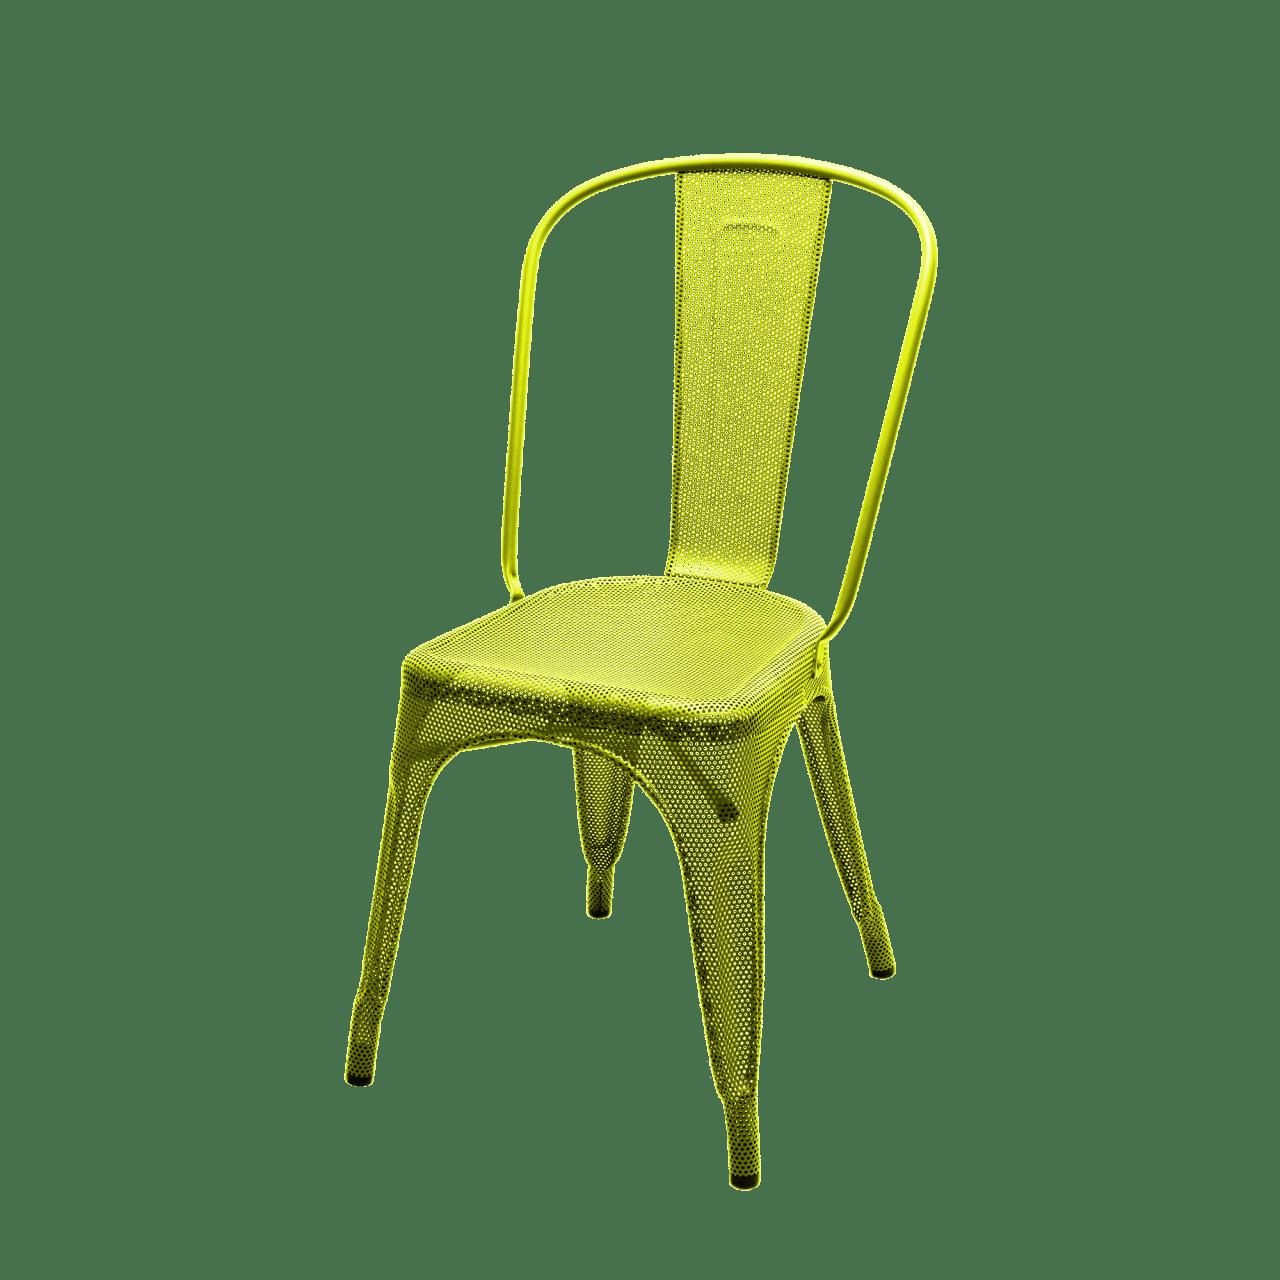 Stuhl A Chair perforiert